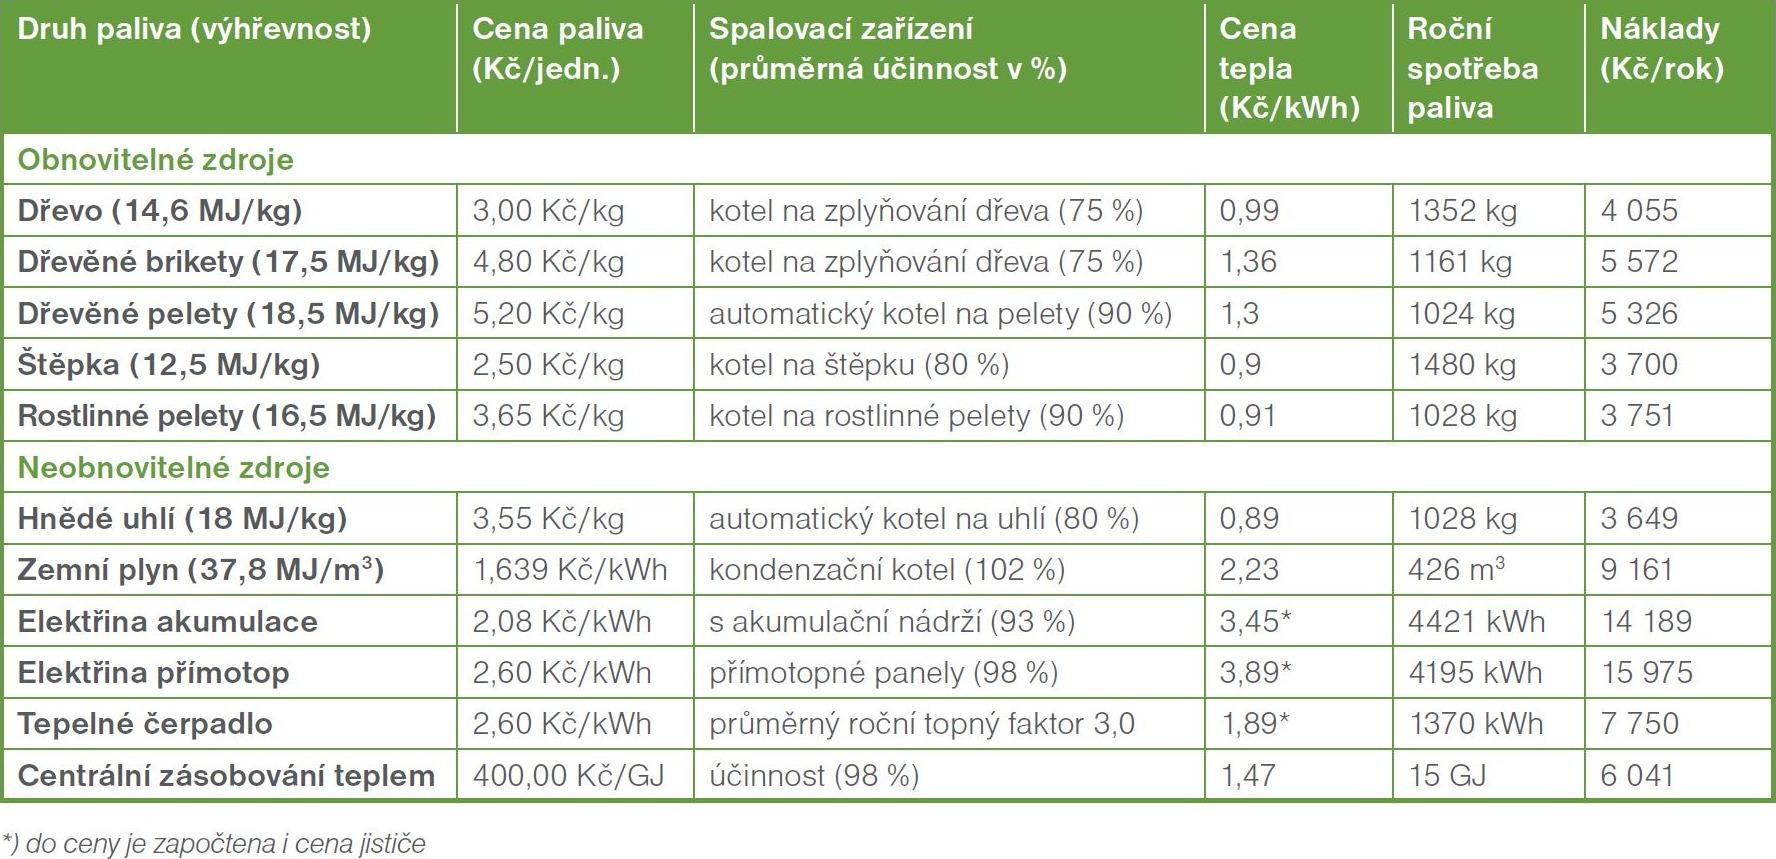 Porovnání nákladů na vytápění podle druhu paliva